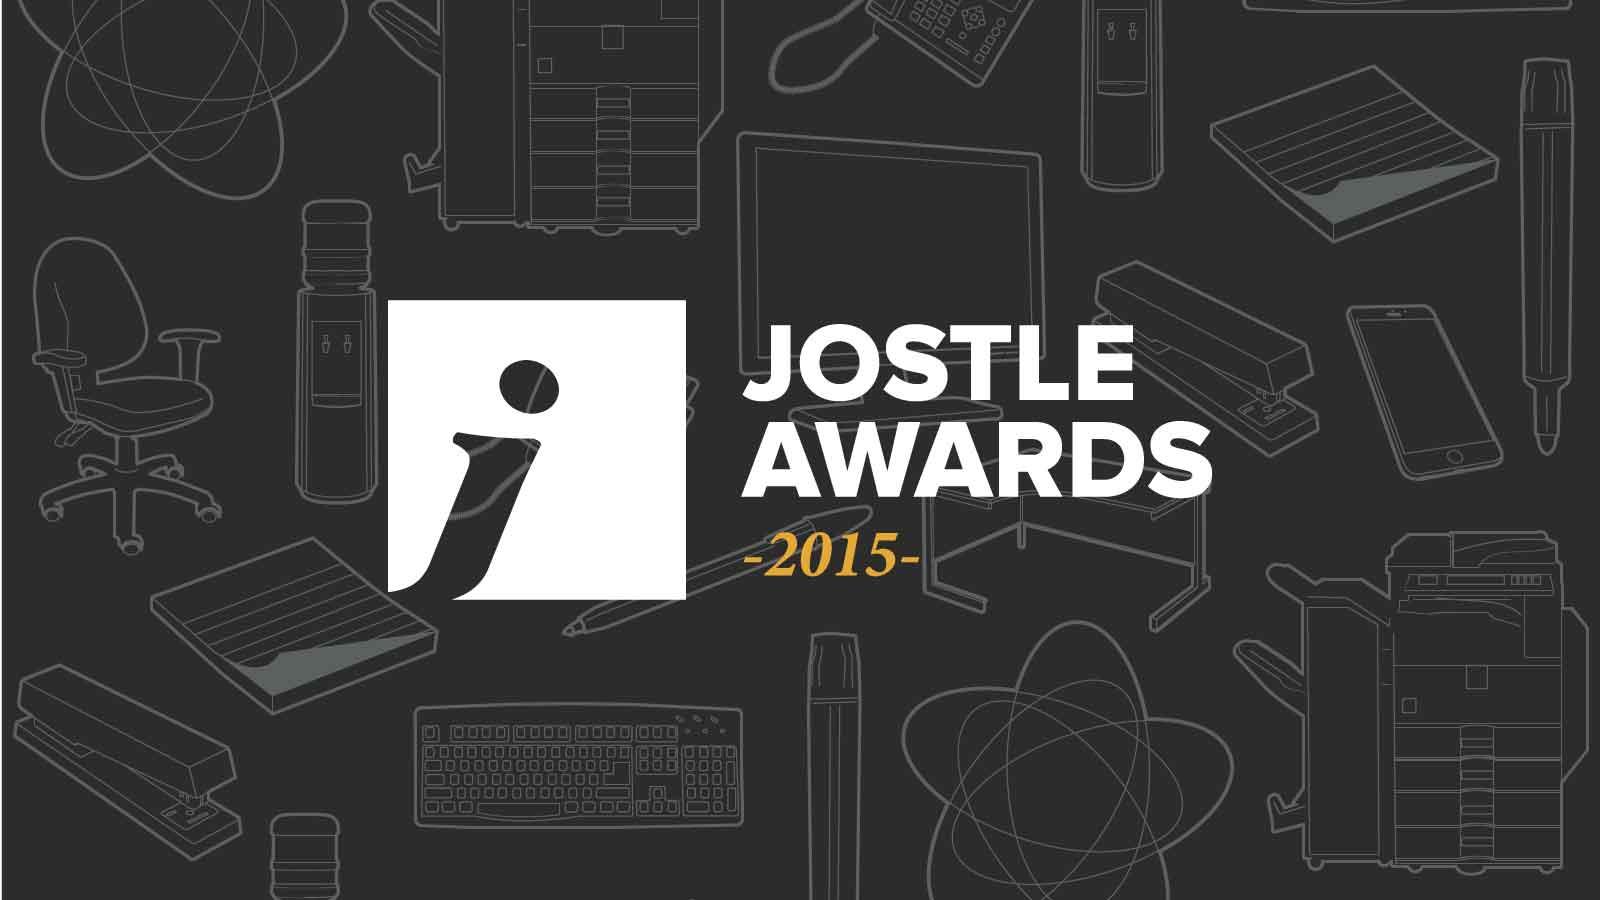 awards2015_1600x900.jpg